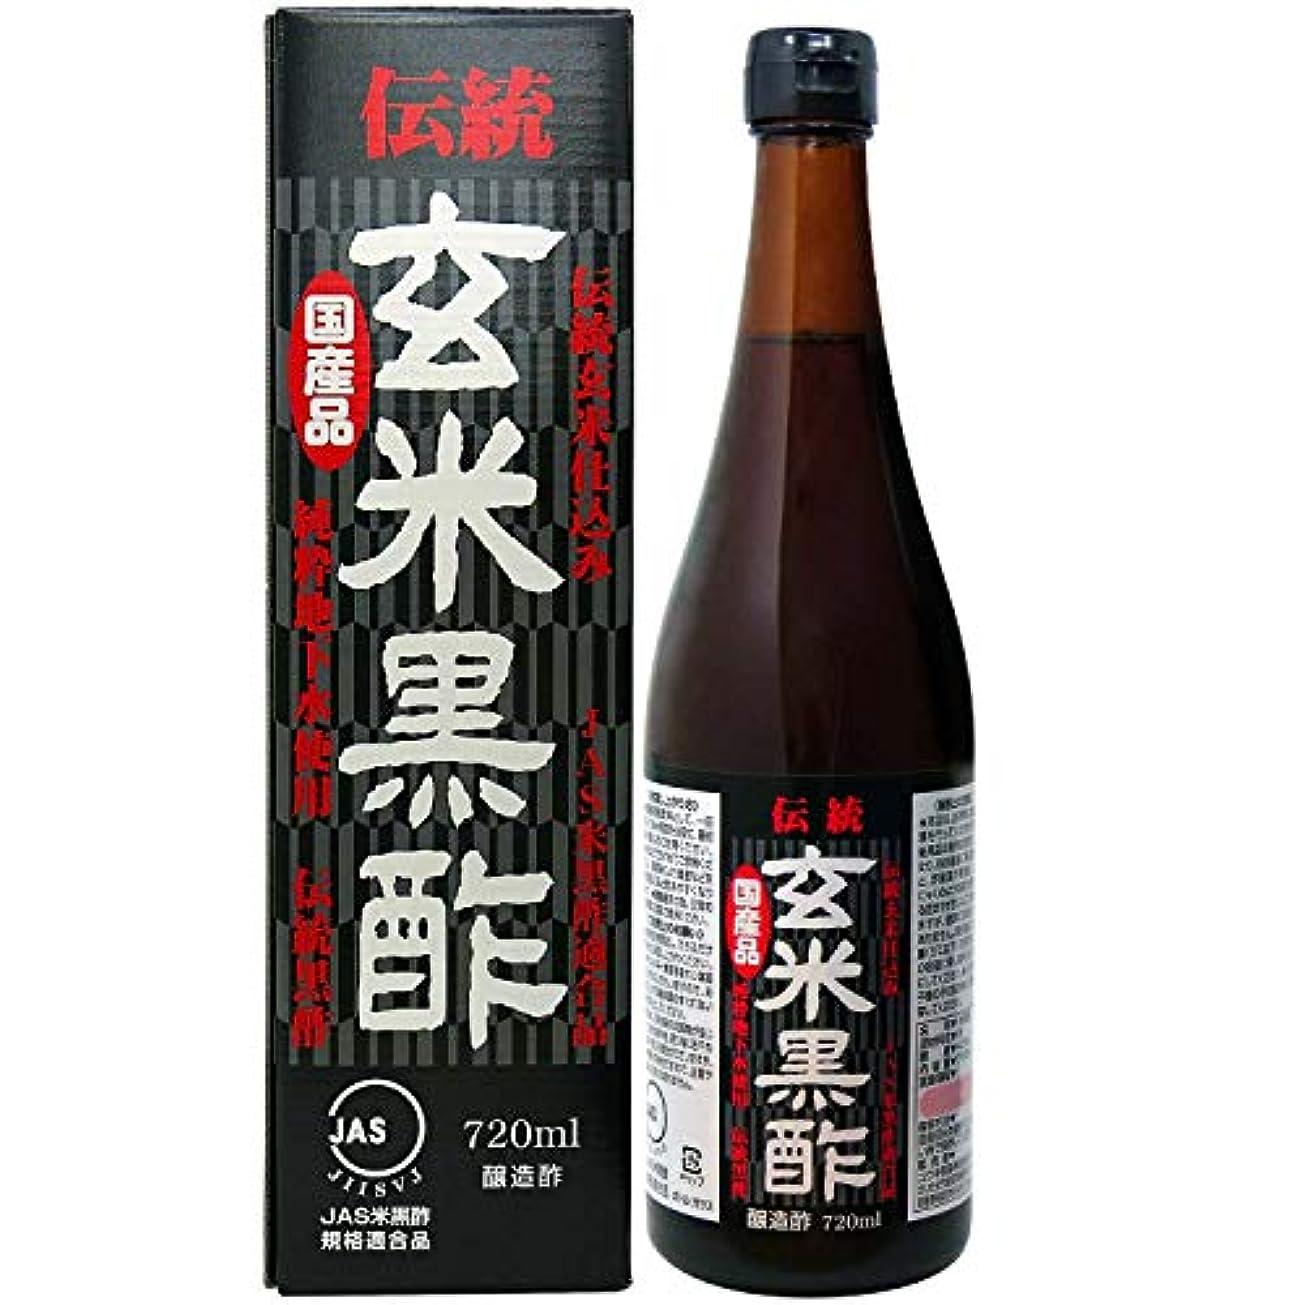 デッドつまらない蒸留ユウキ製薬 新伝統玄米黒酢 24-36日分 720ml